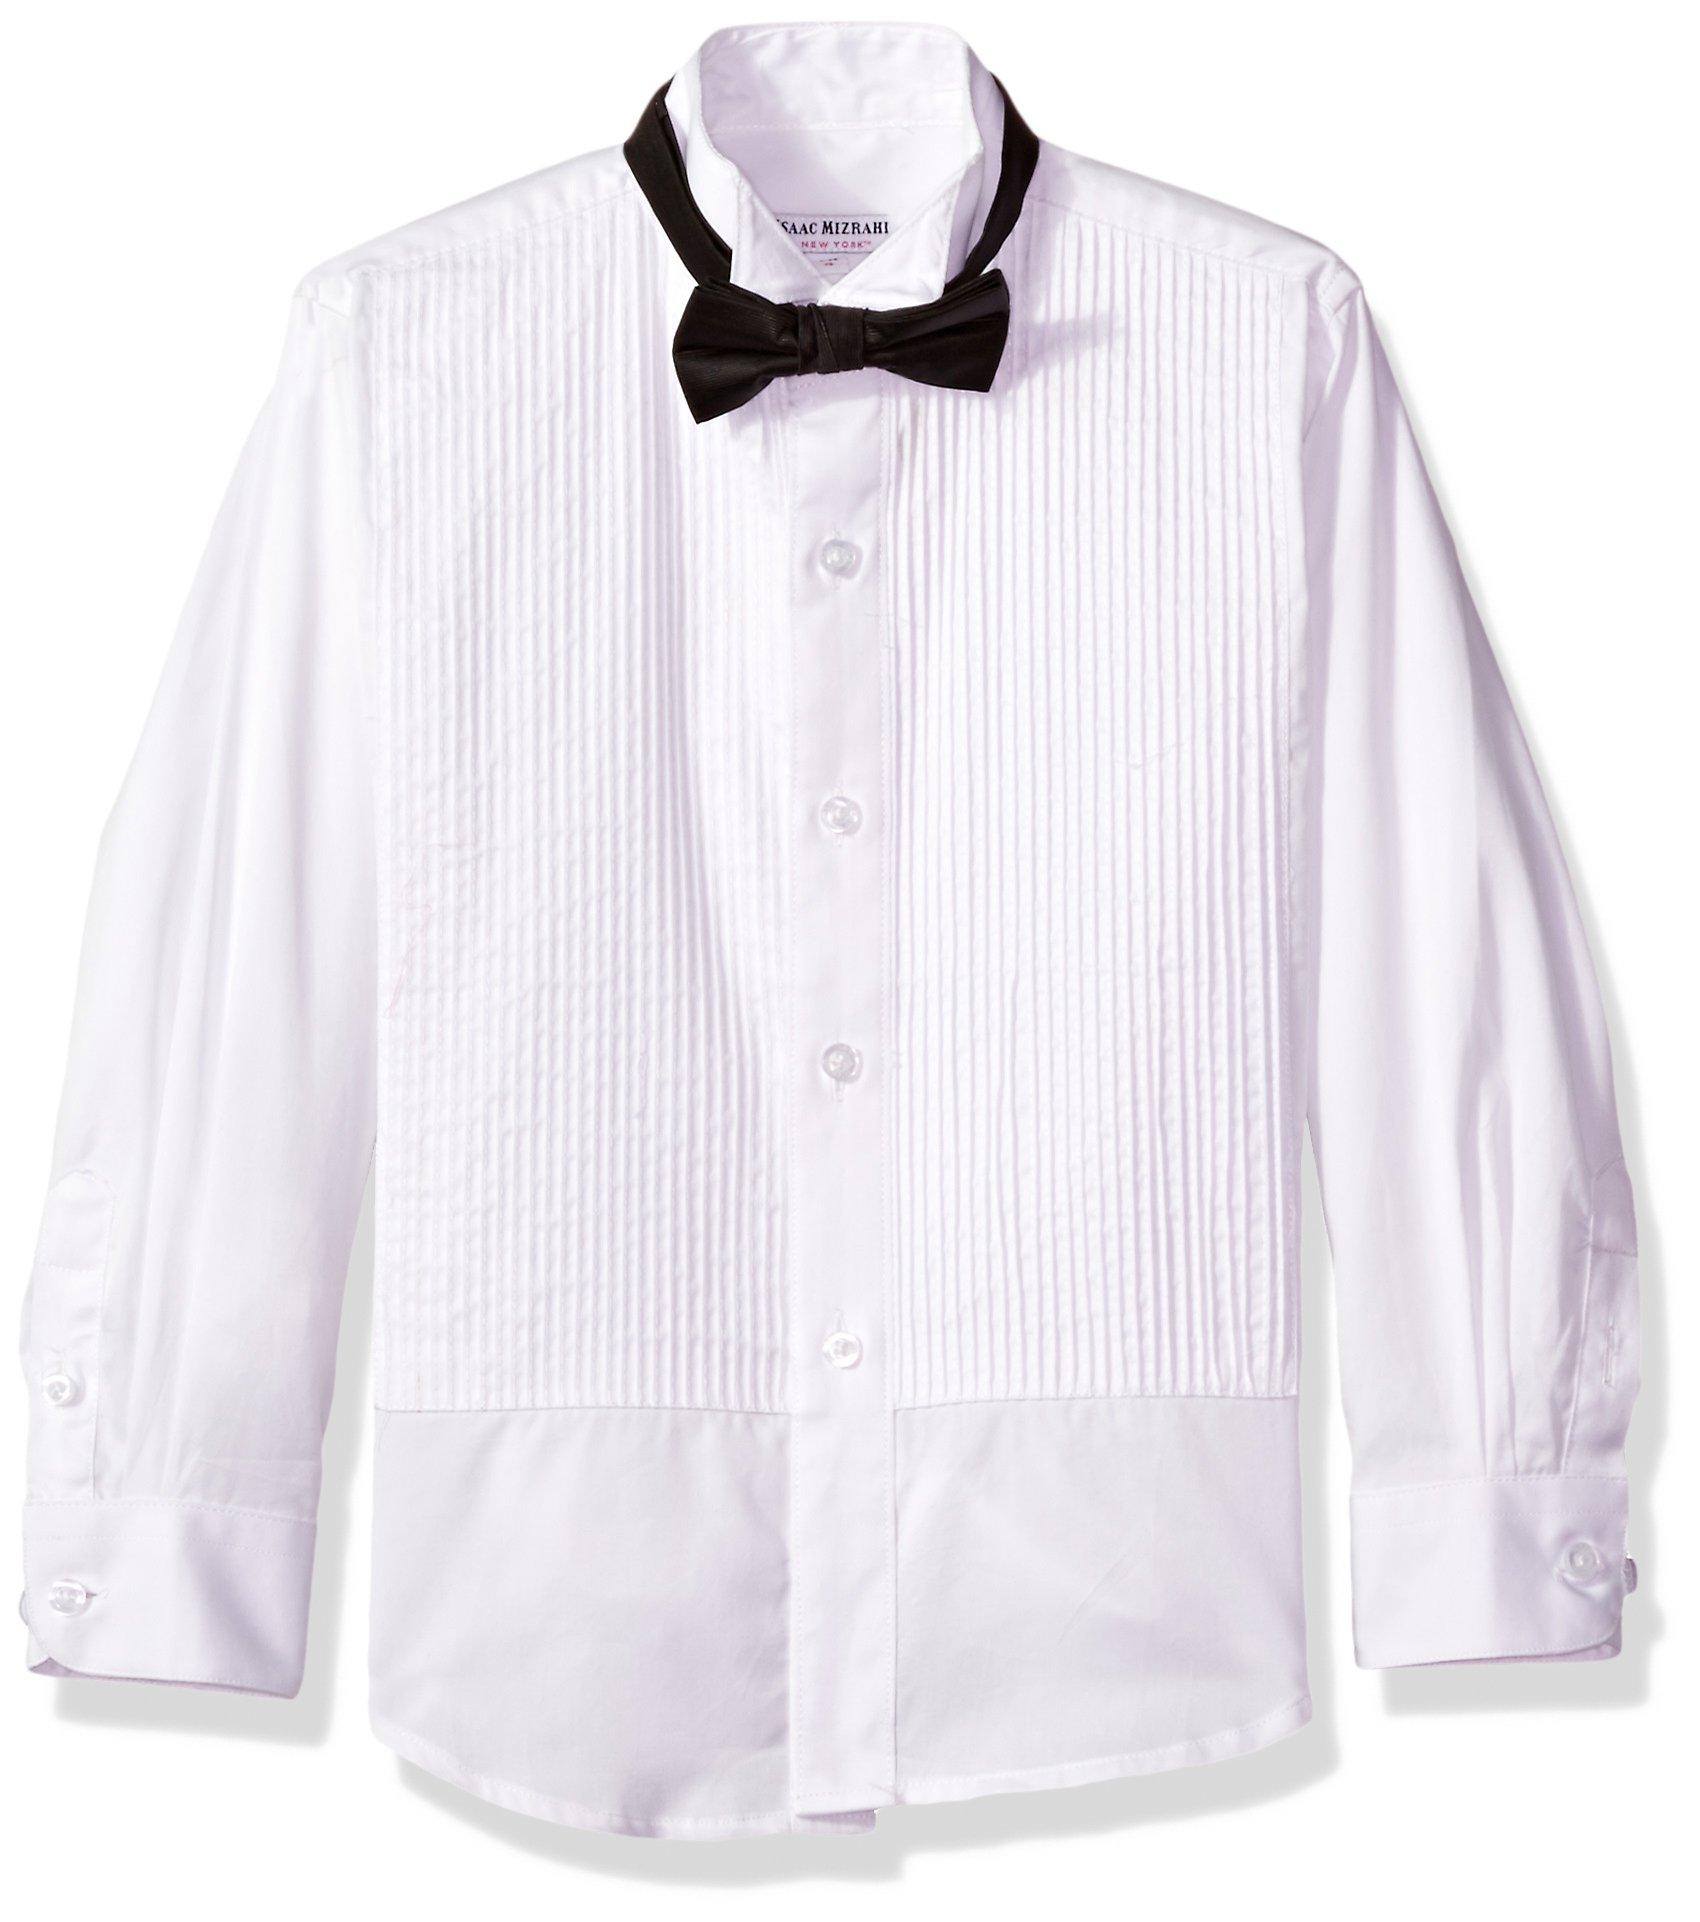 Isaac Mizrahi Big Boys' Cotton Tuxedo Shirt and Bow Tie, White, 12